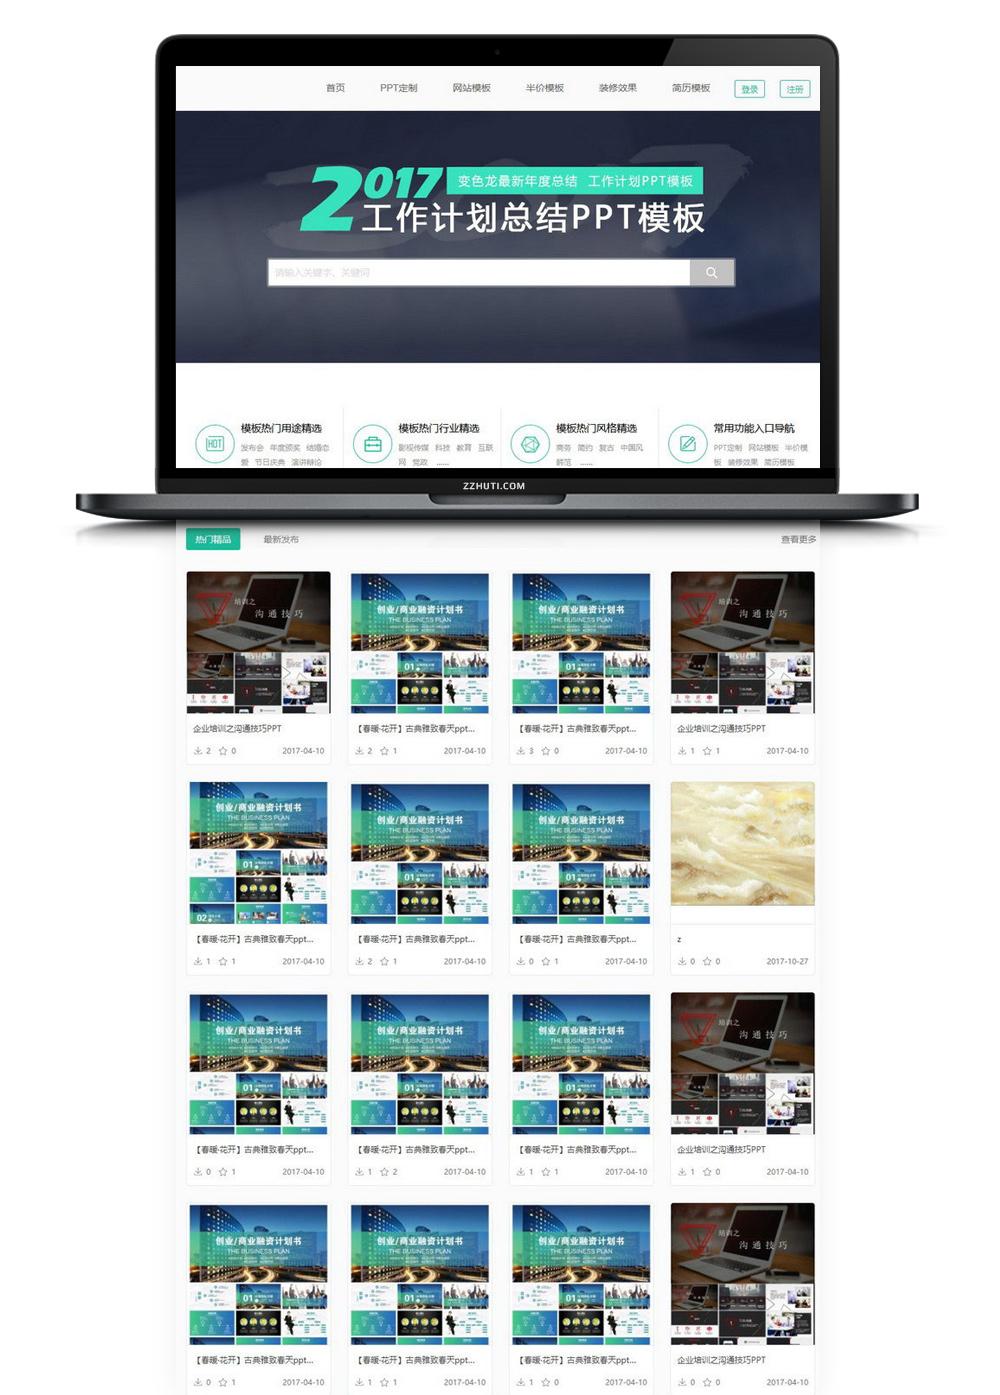 音视频素材资源下载站整站源码带会员系统 / 支付接口-找主题源码